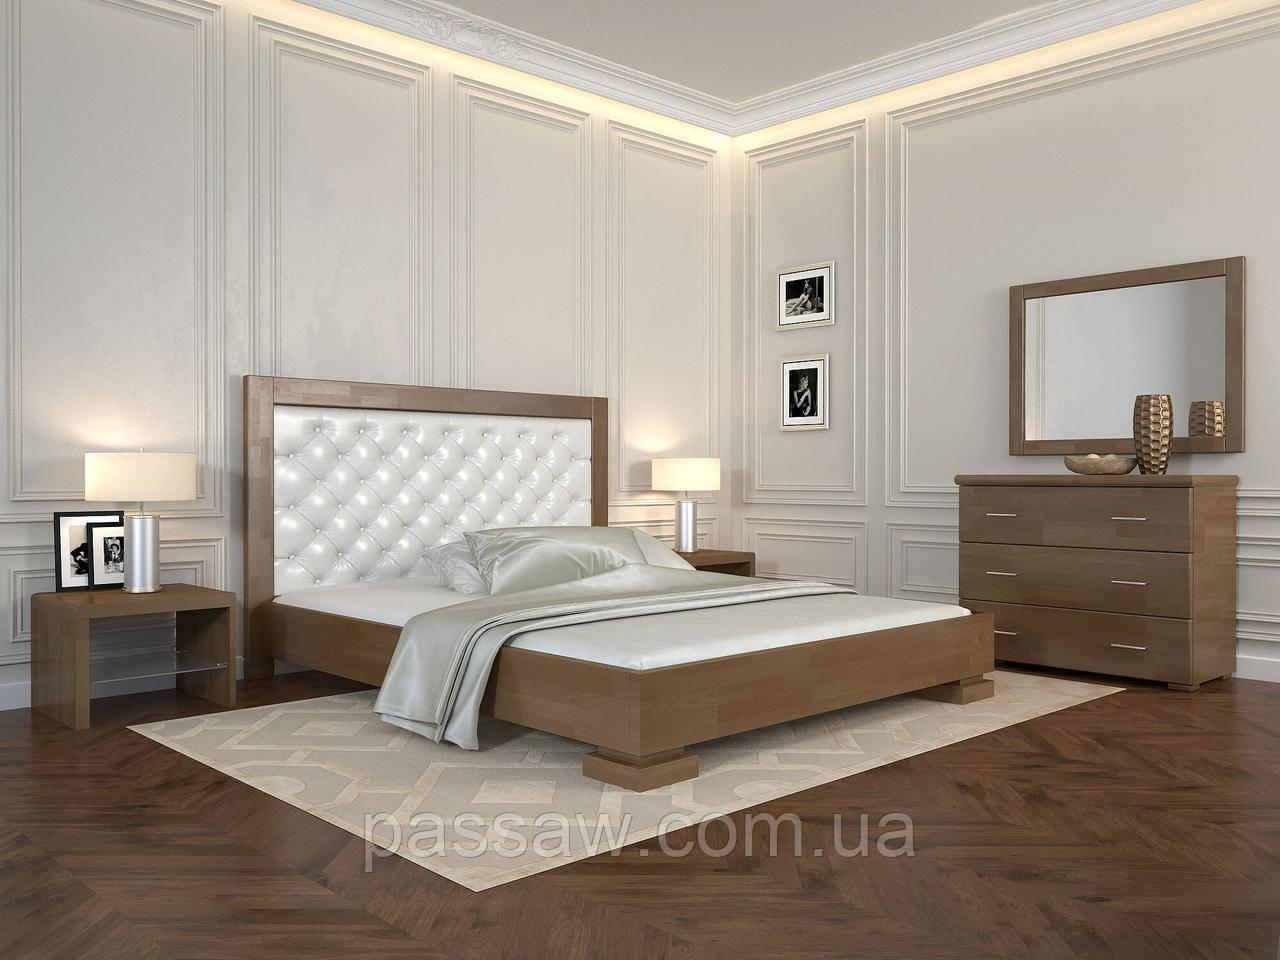 """Кровать деревянная ARBOR DREV  """"Подиум ромбы"""" 1,8 бук"""